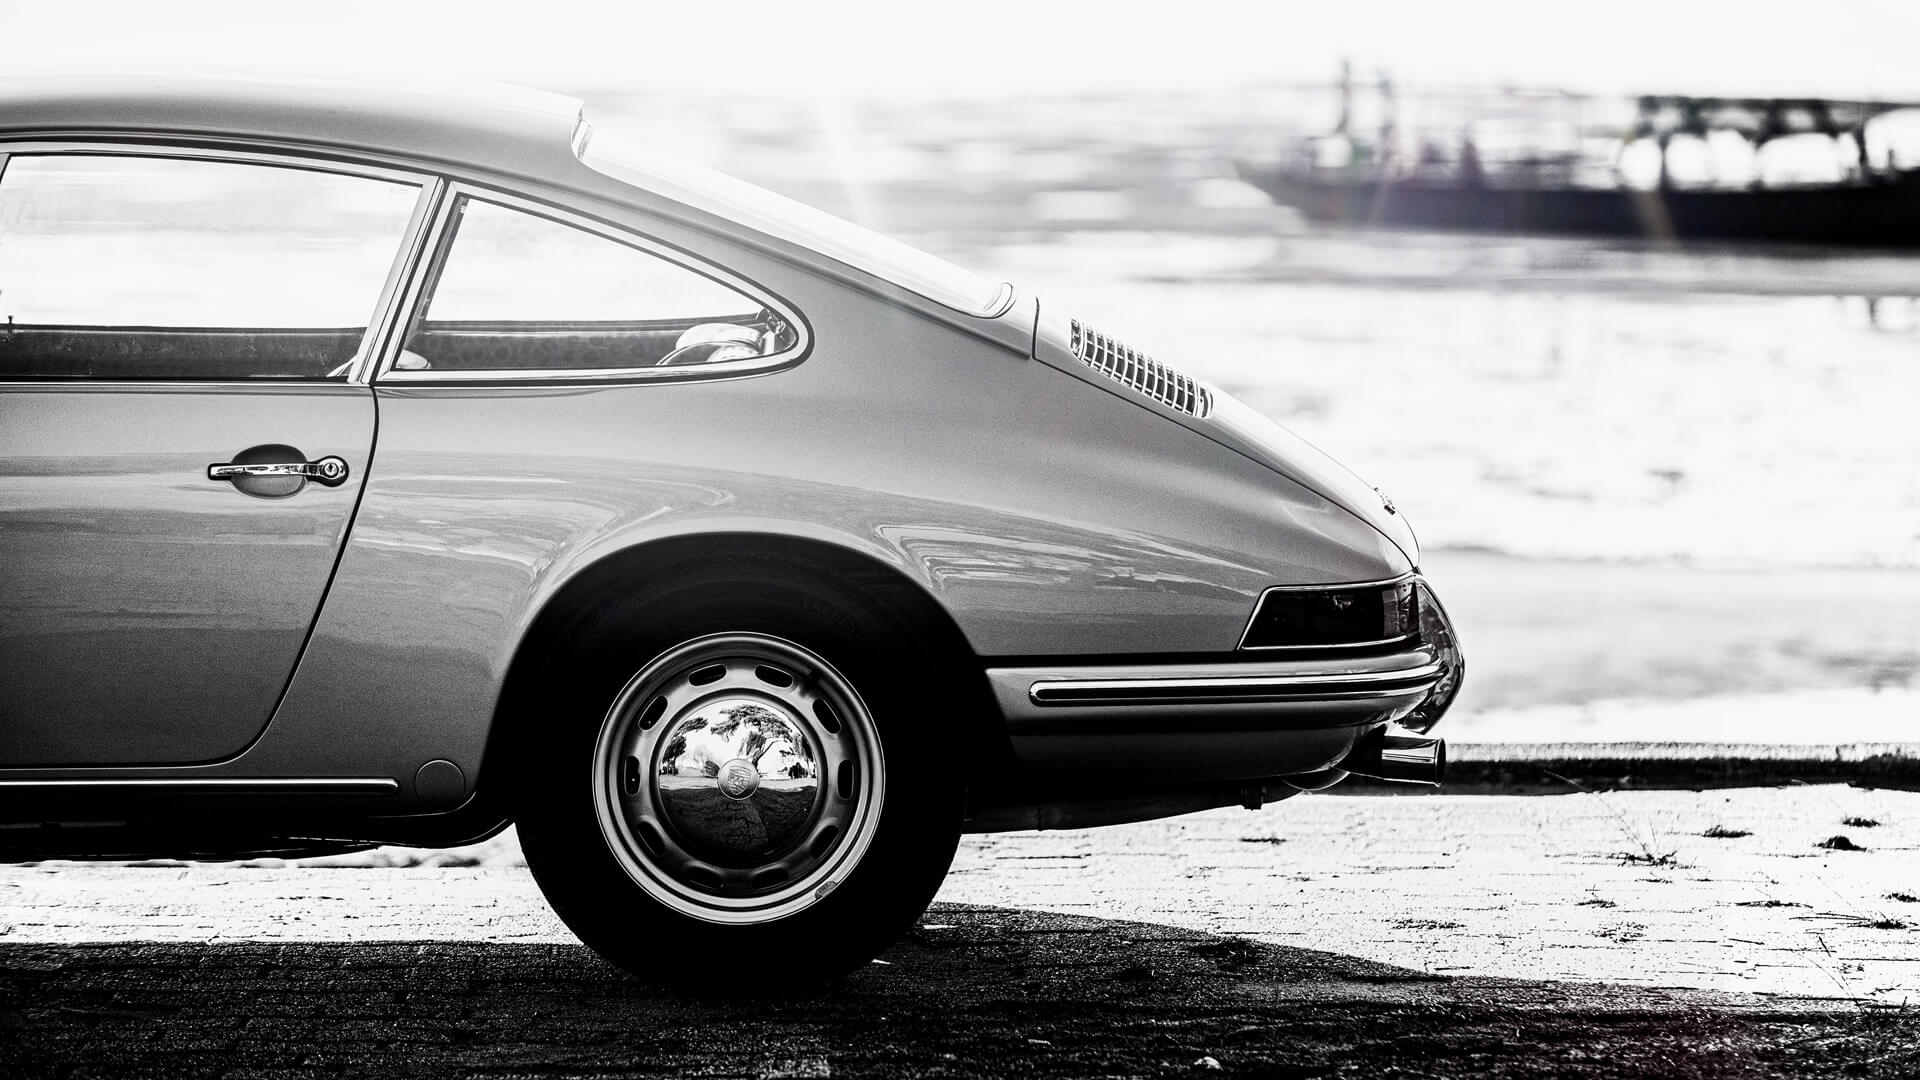 Automotive Photographer - LOIC KERNEN